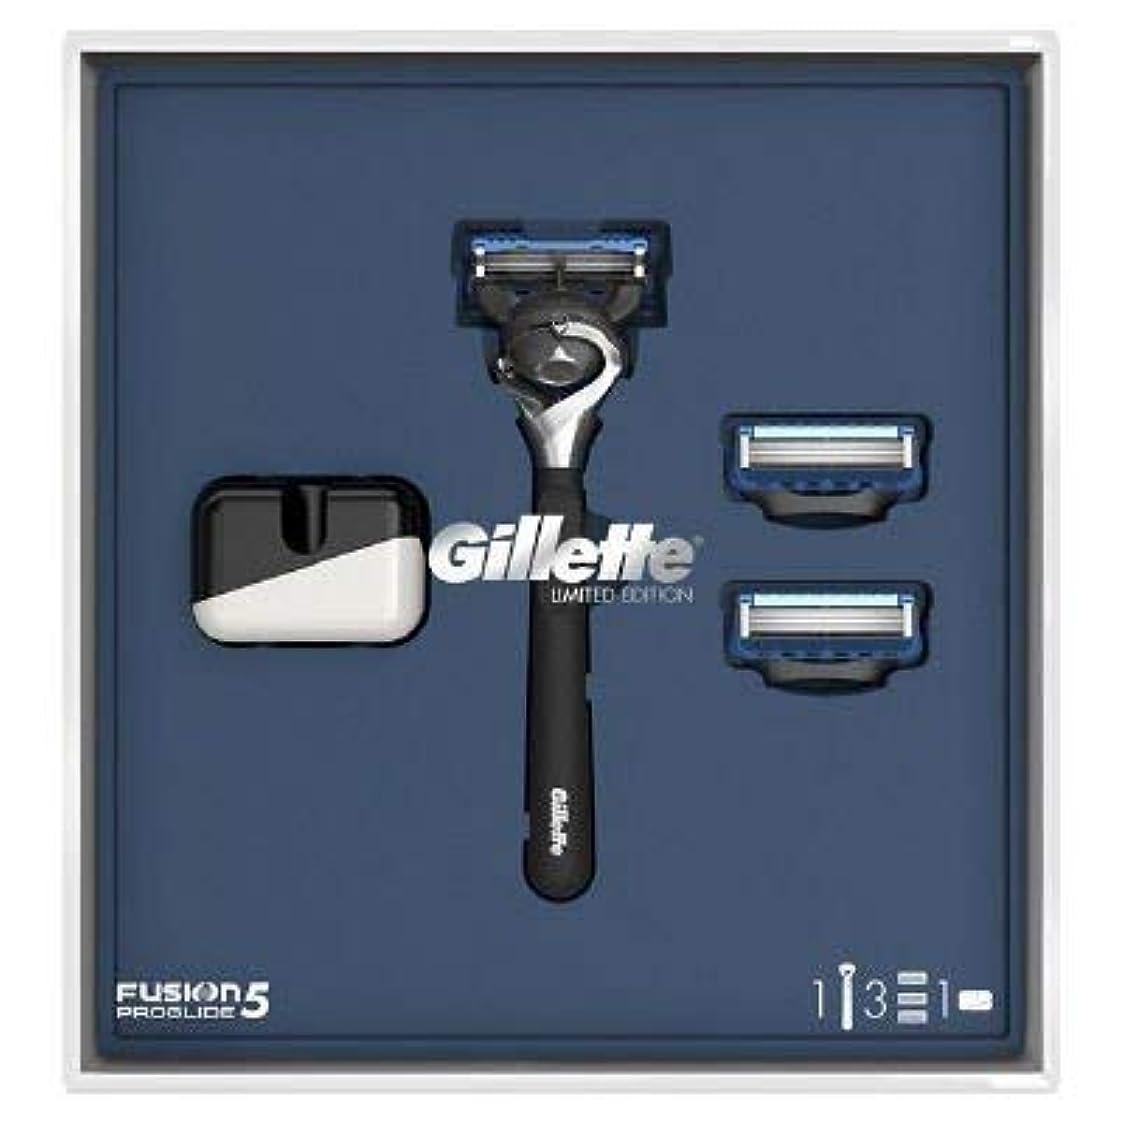 騒々しい冷酷な感謝(ジレット)Gilette プログライド 髭剃り本体+替刃3個 オリジナルスタンド付き スペシャルパッケージ P&G